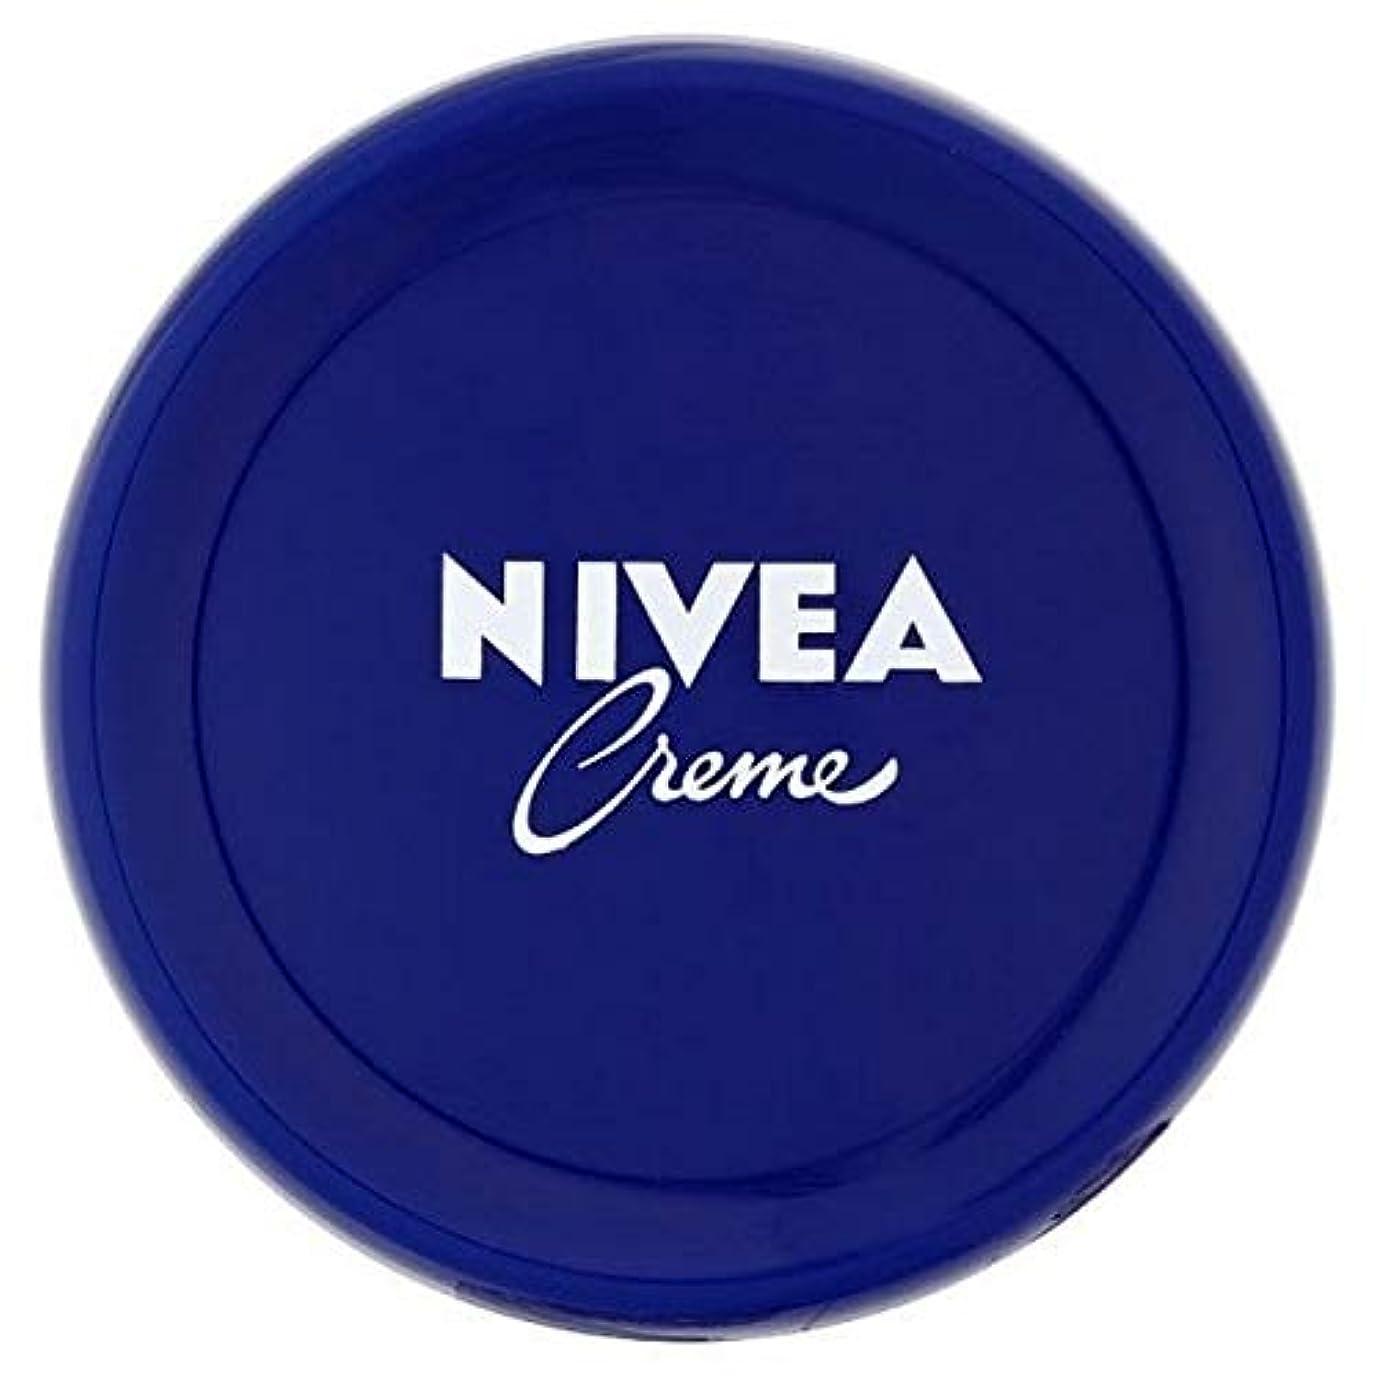 義務的無駄だ寄付する[Nivea ] ニベアクリーム万能ボディクリーム、200ミリリットル - NIVEA Creme All Purpose Body Cream, 200ml [並行輸入品]